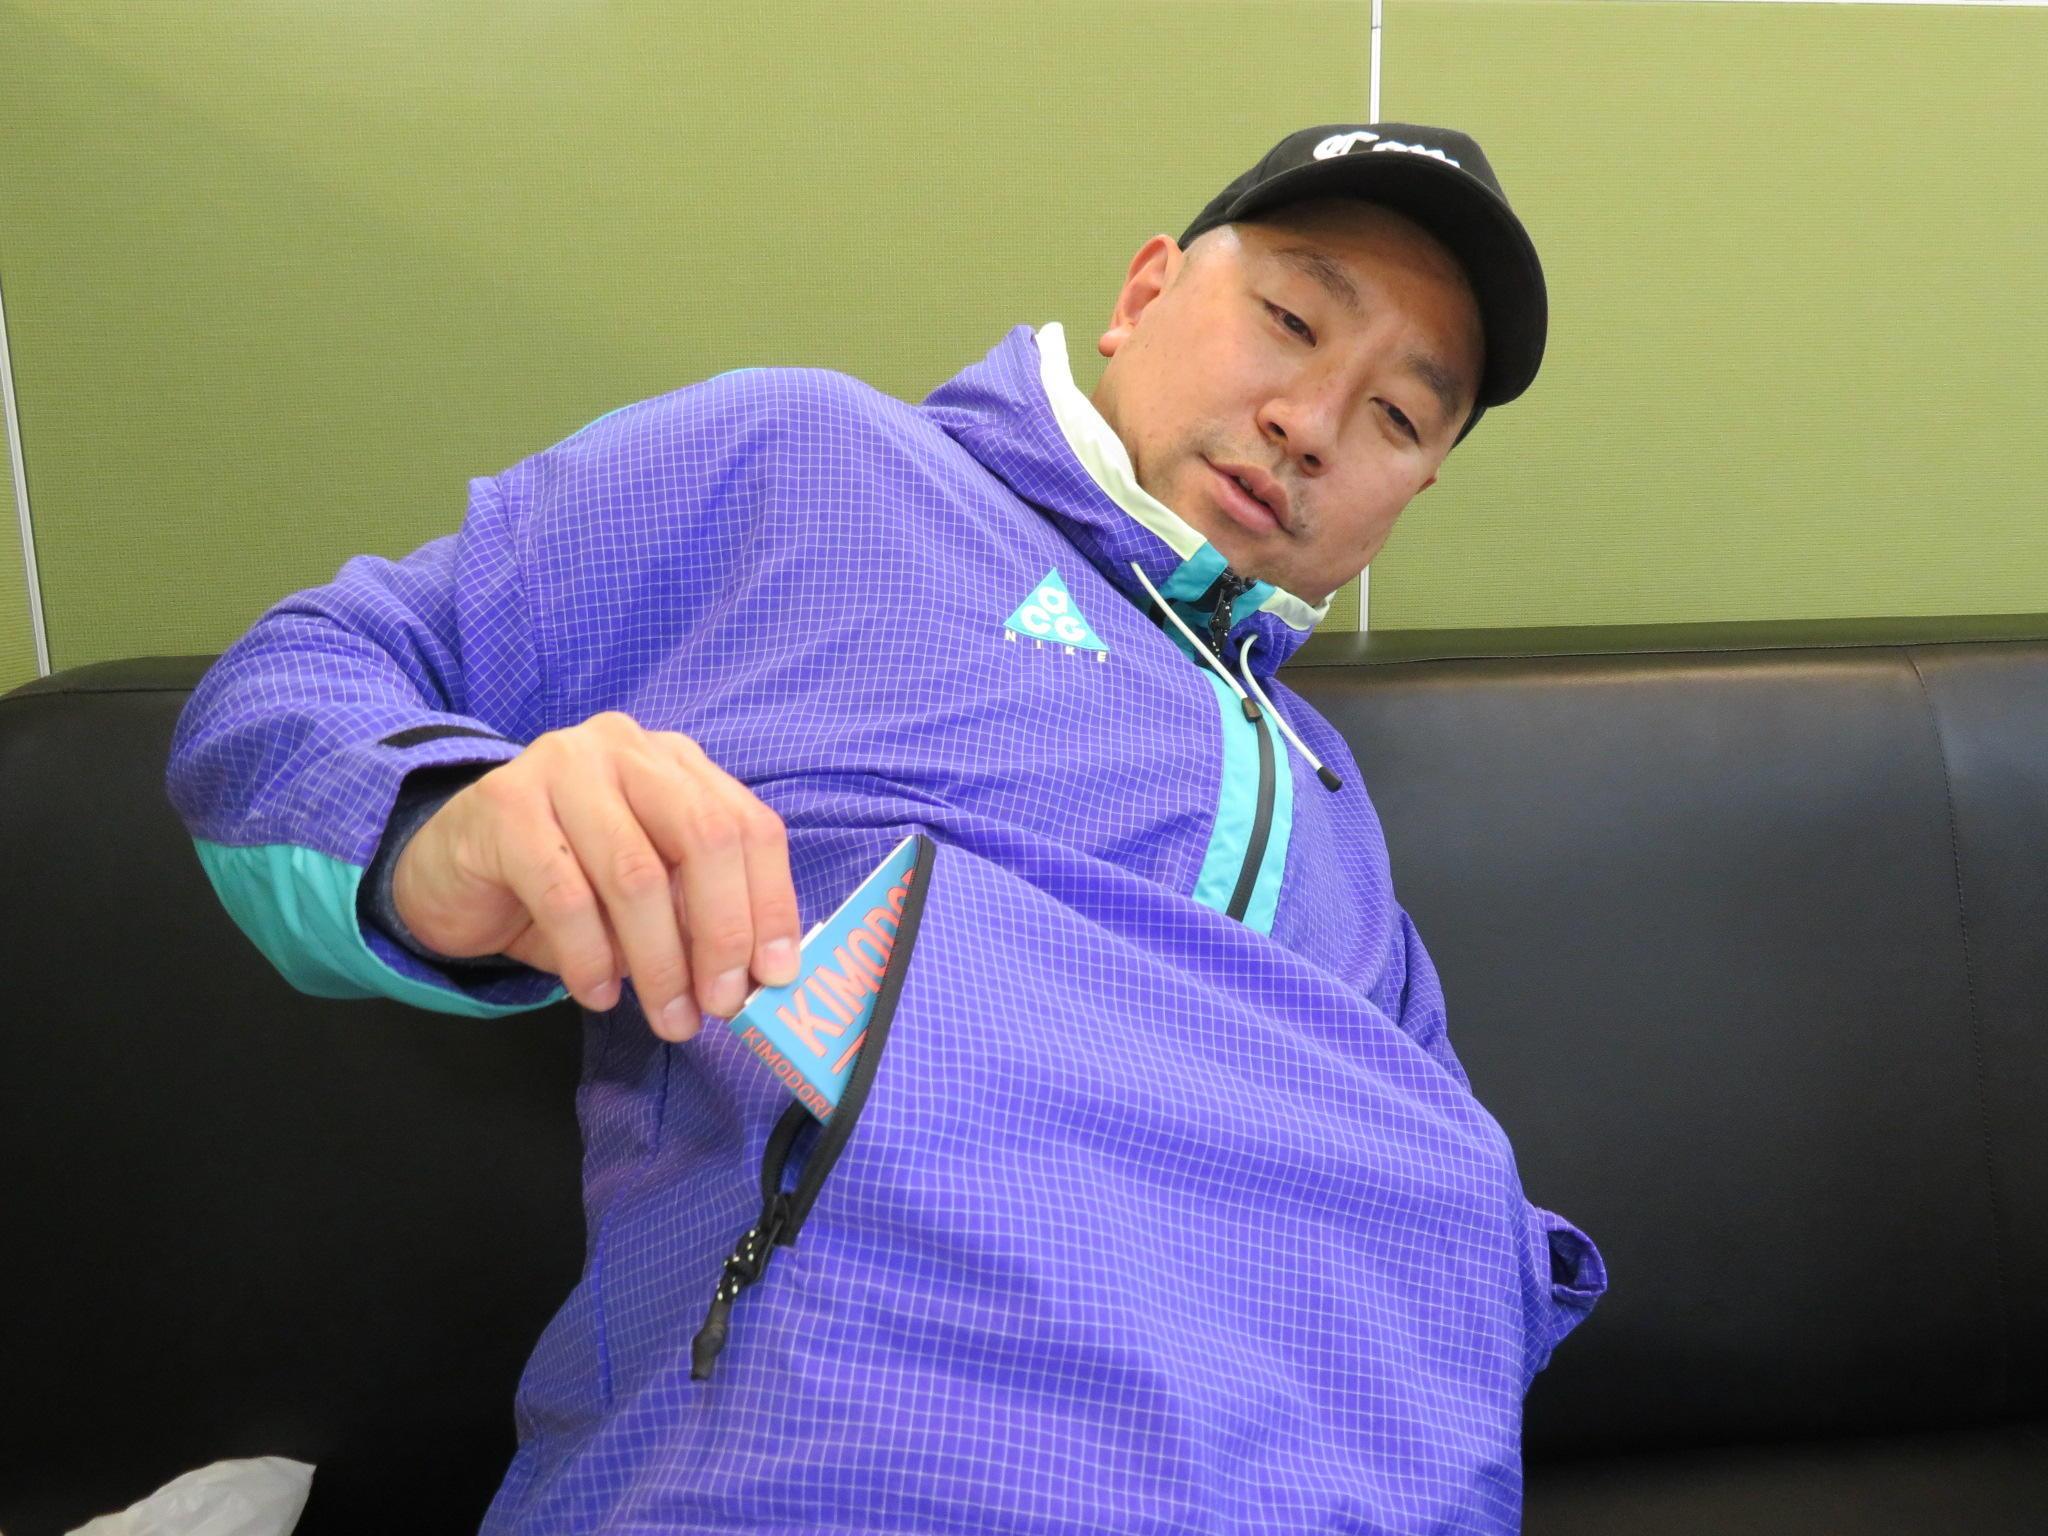 http://news.yoshimoto.co.jp/20181229124714-463add5c50e6699f55e8dc38ef2d2a44b8f216b4.jpg